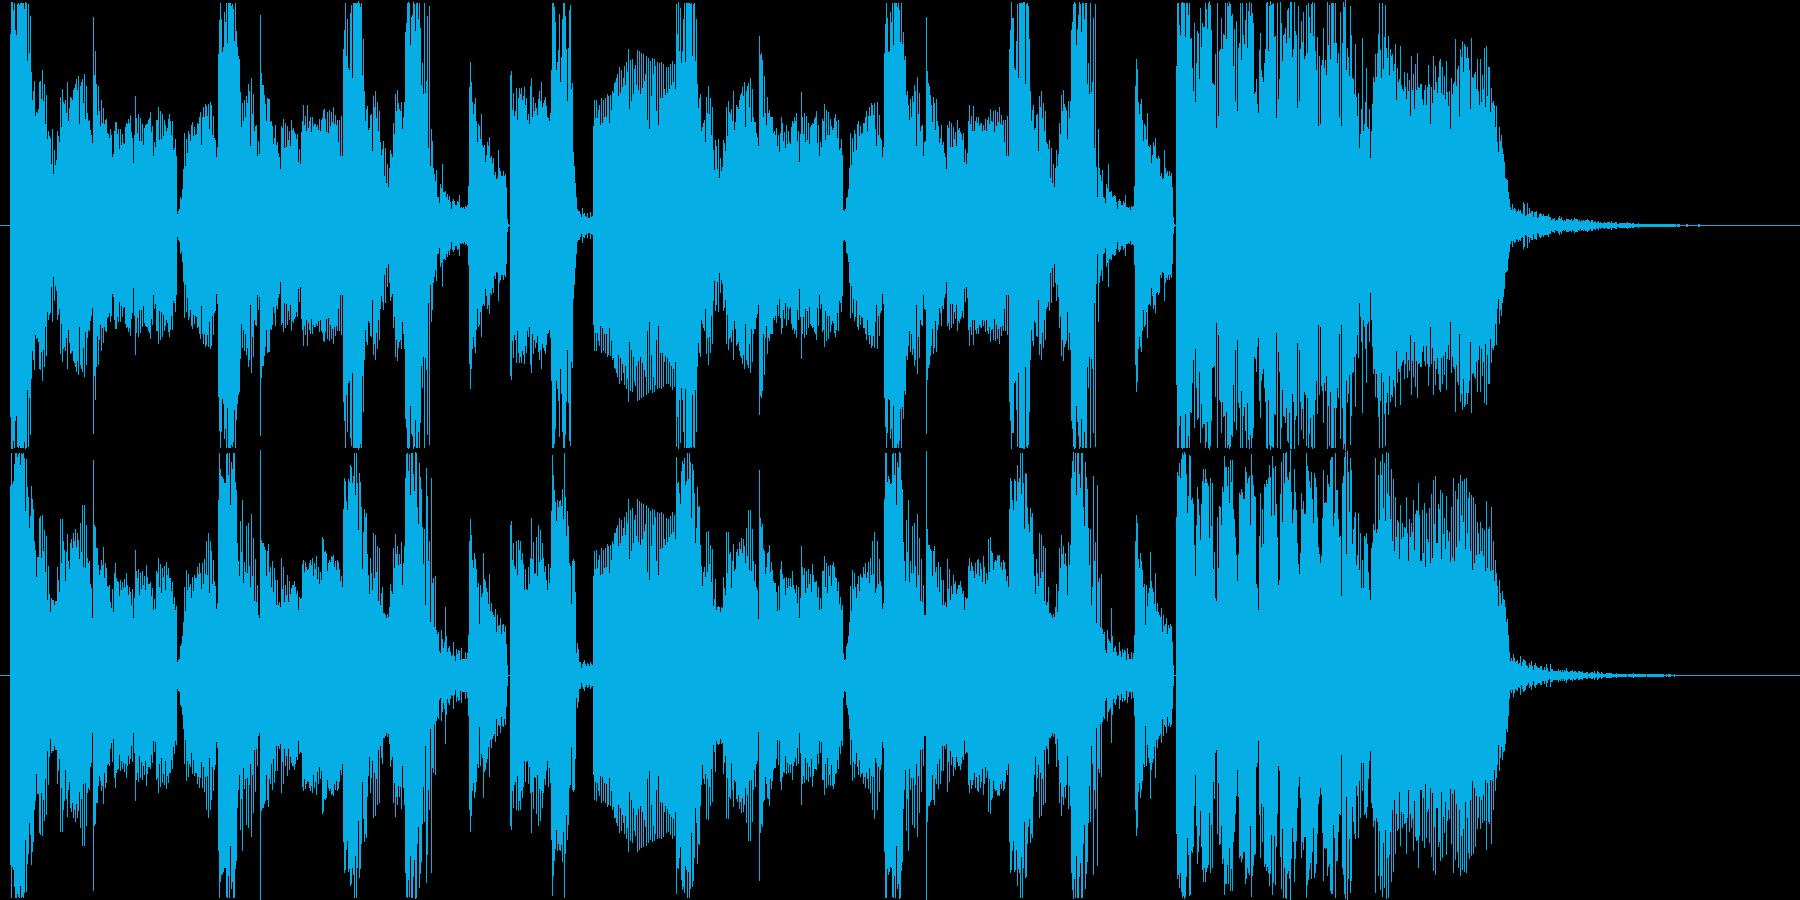 ブリブリとしたサウンドのダブステップの再生済みの波形